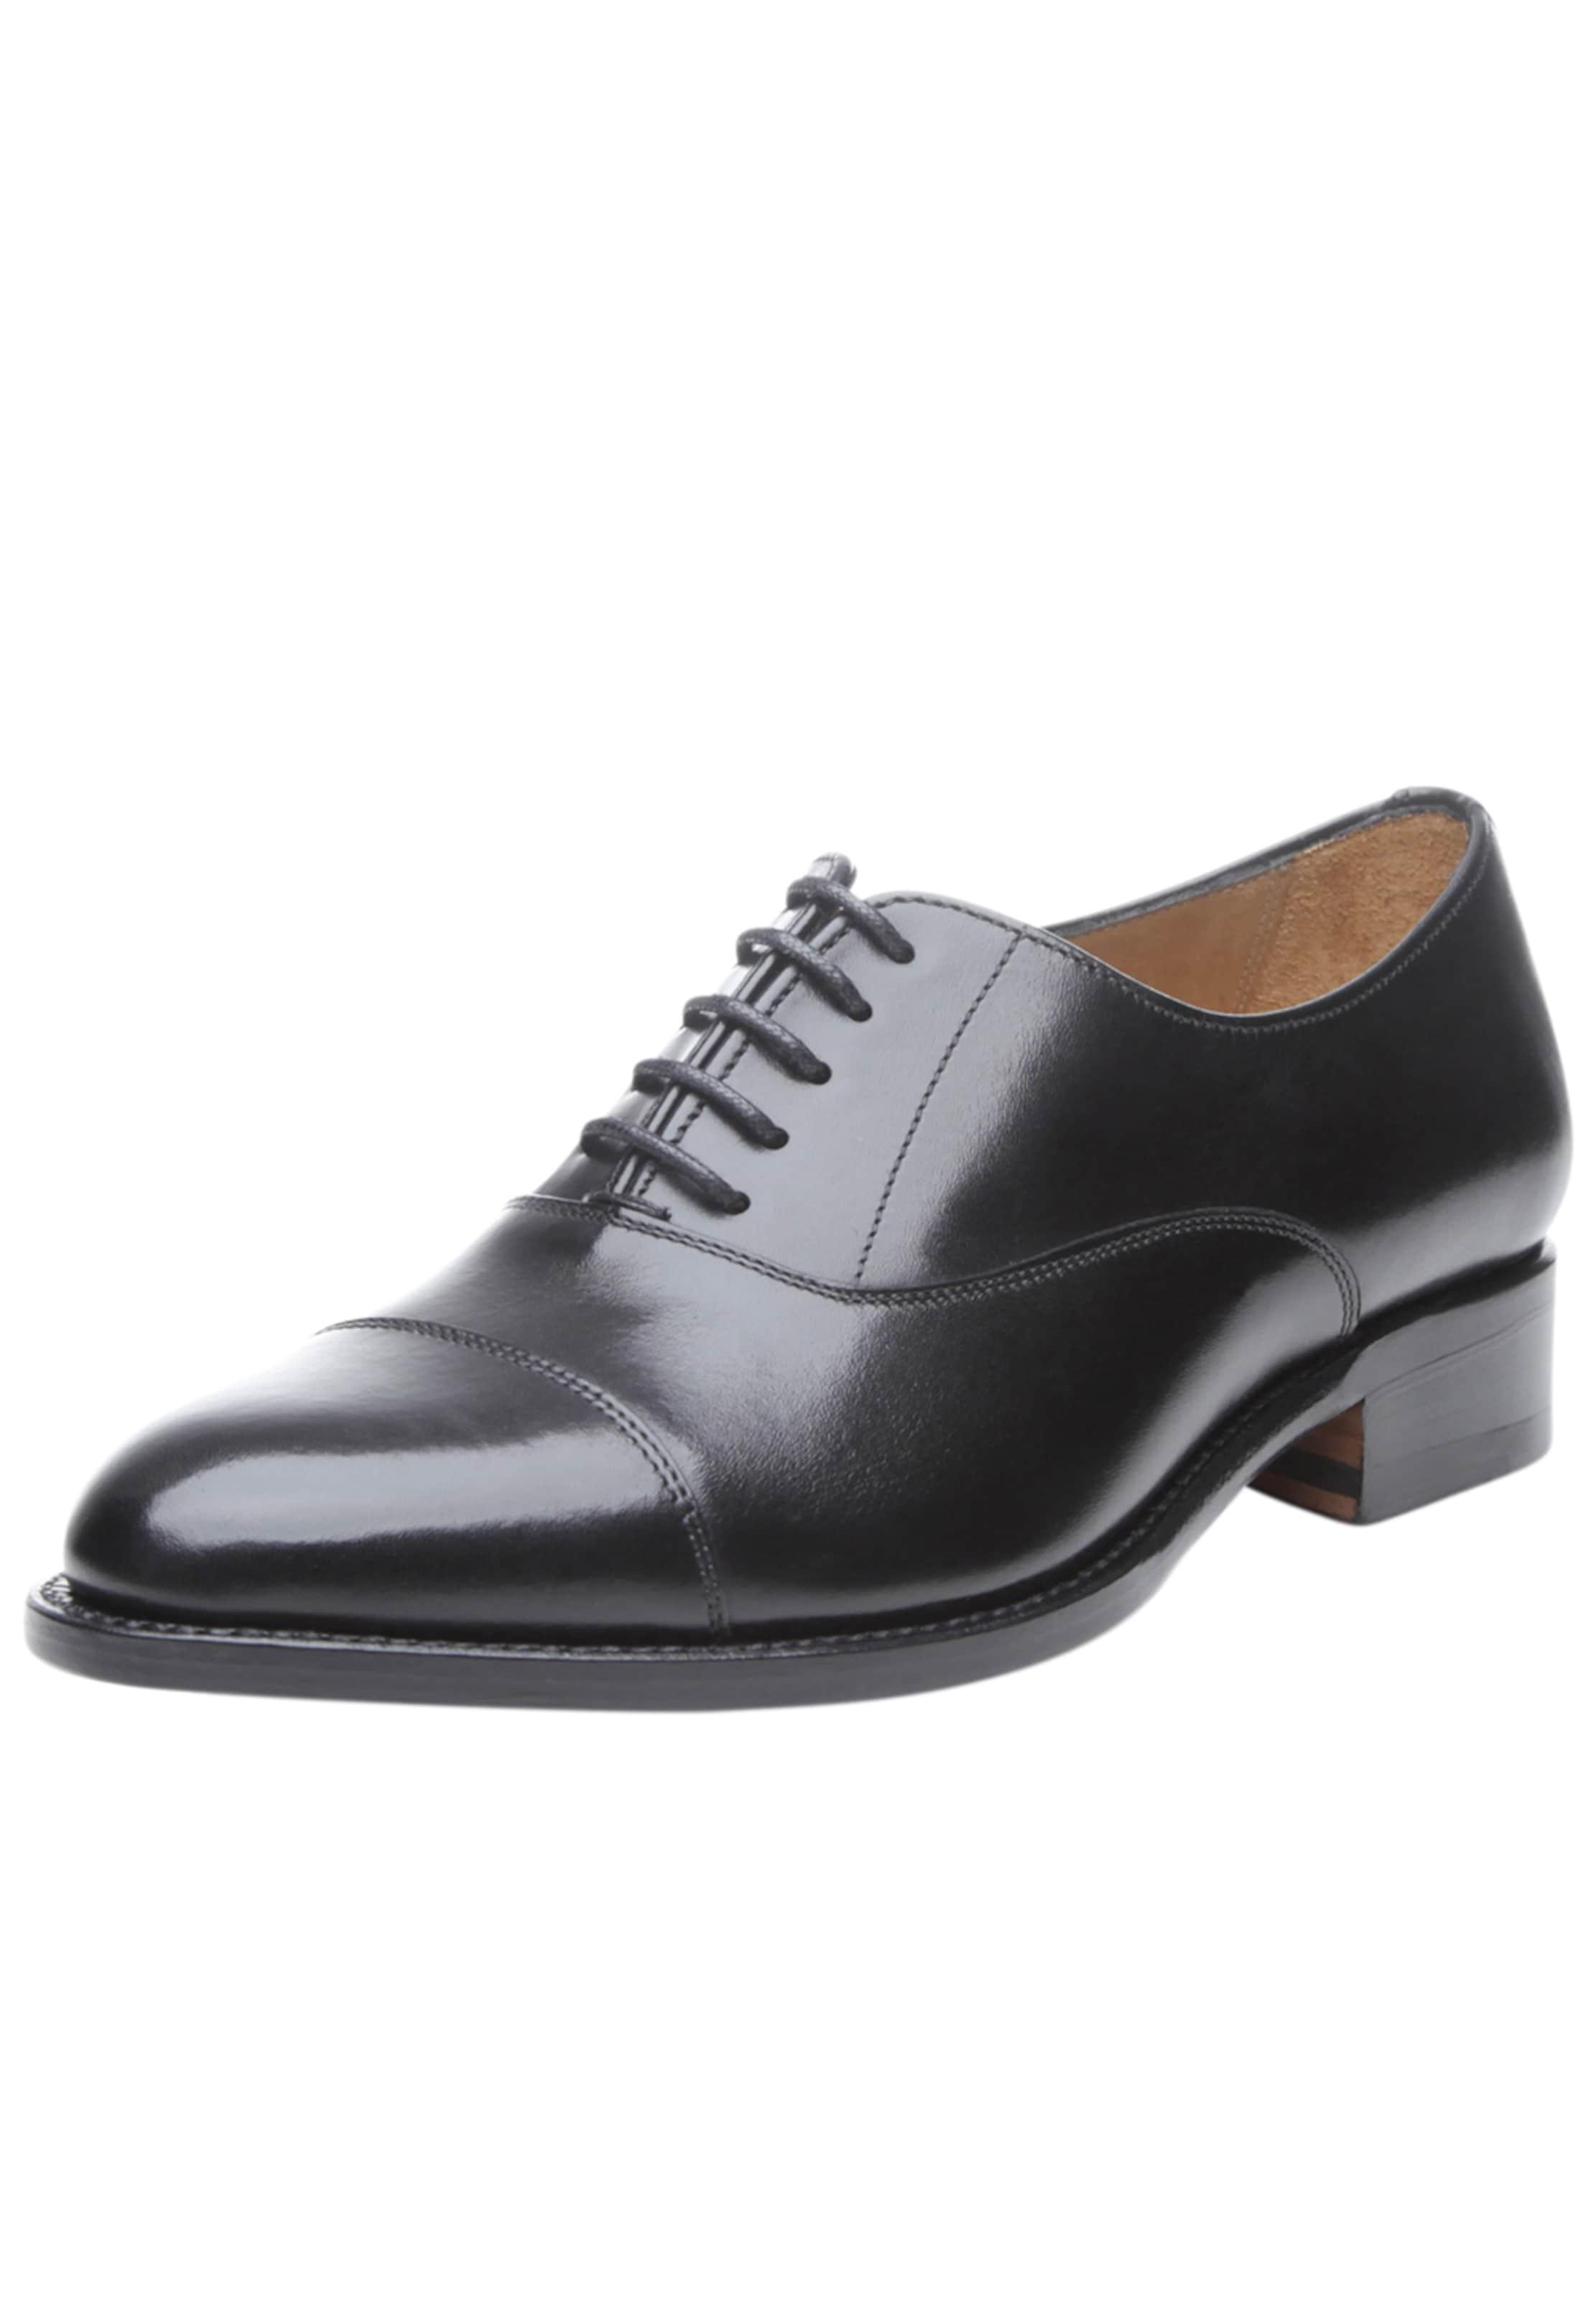 SHOEPASSION Schnürschuhe No. 1105 Verschleißfeste billige Schuhe